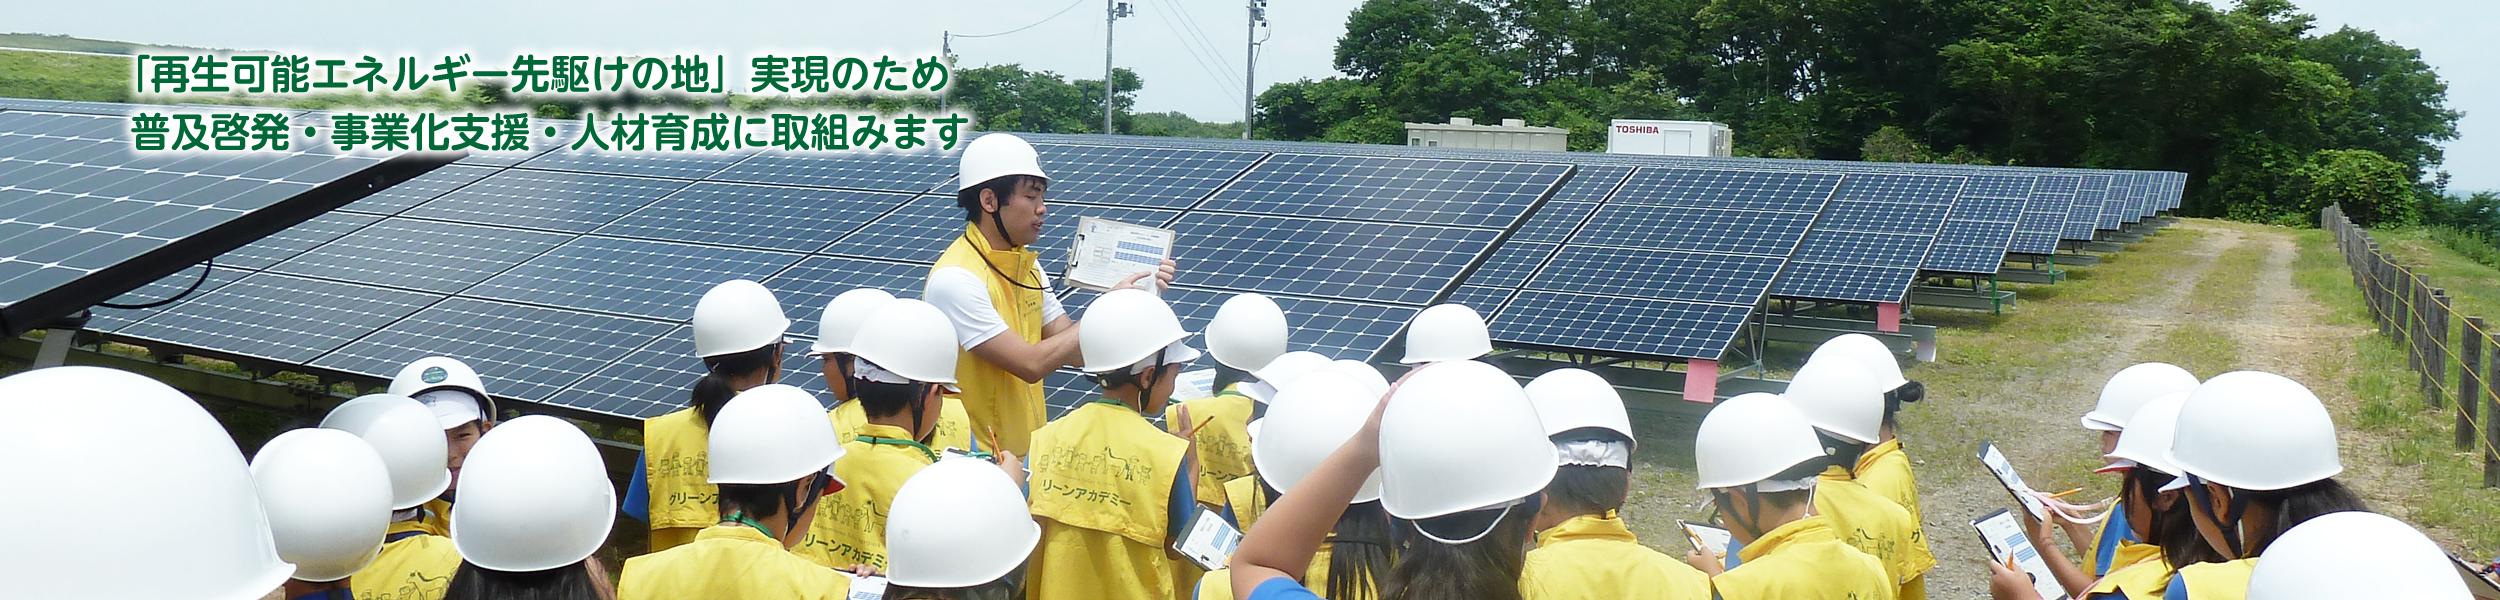 「再生可能エネルギー先駆けの地」実現のため普及・啓発・事業化支援・人材育成に取組みます